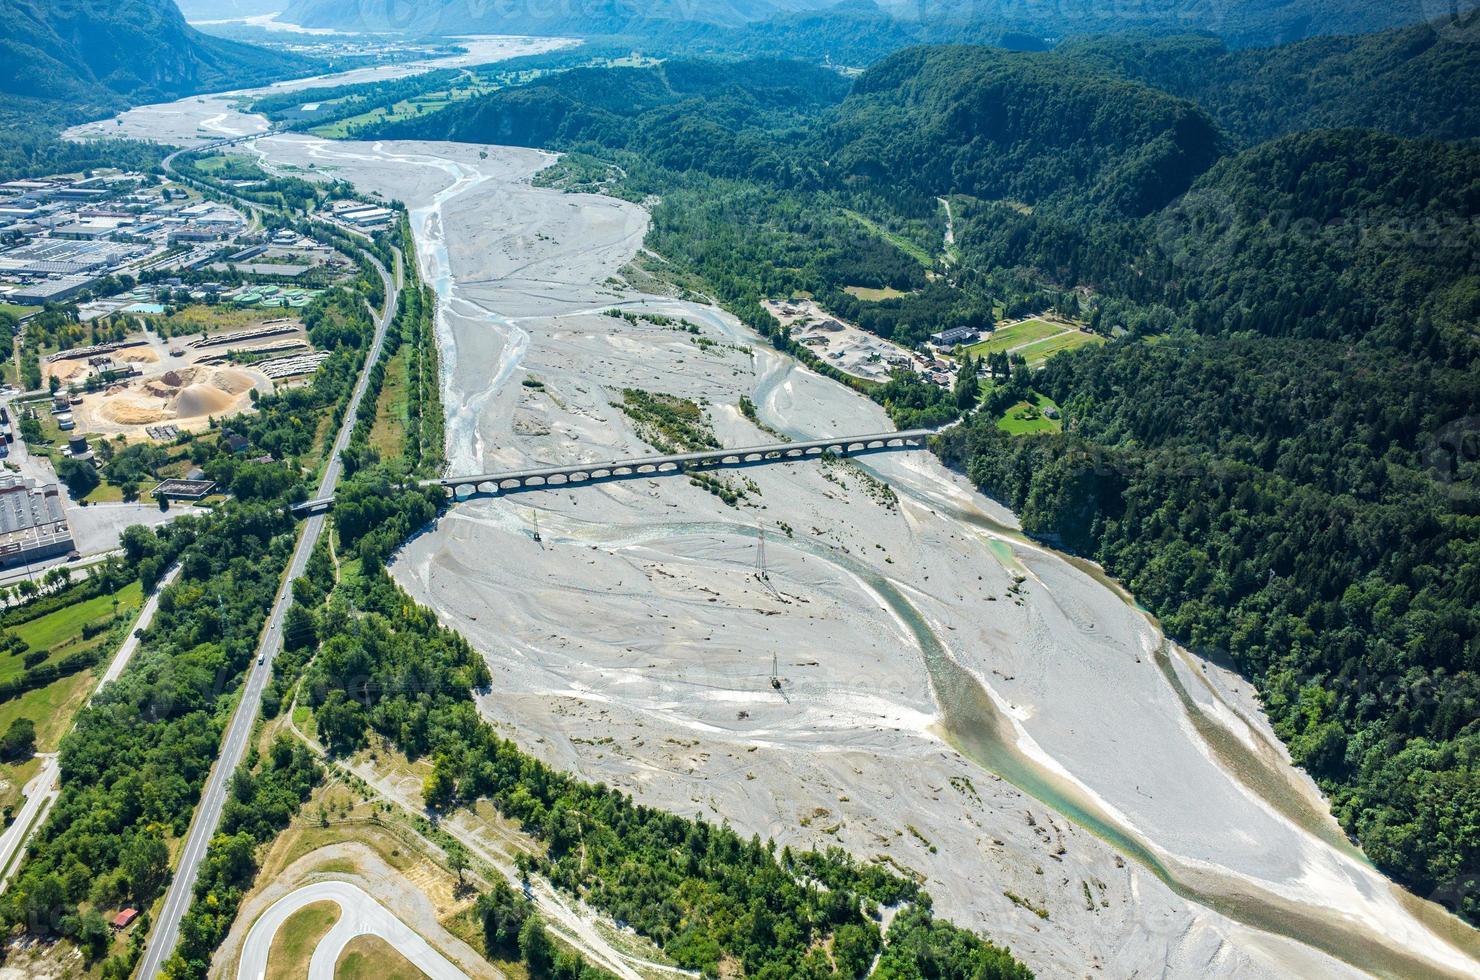 rivière tagliamento photo